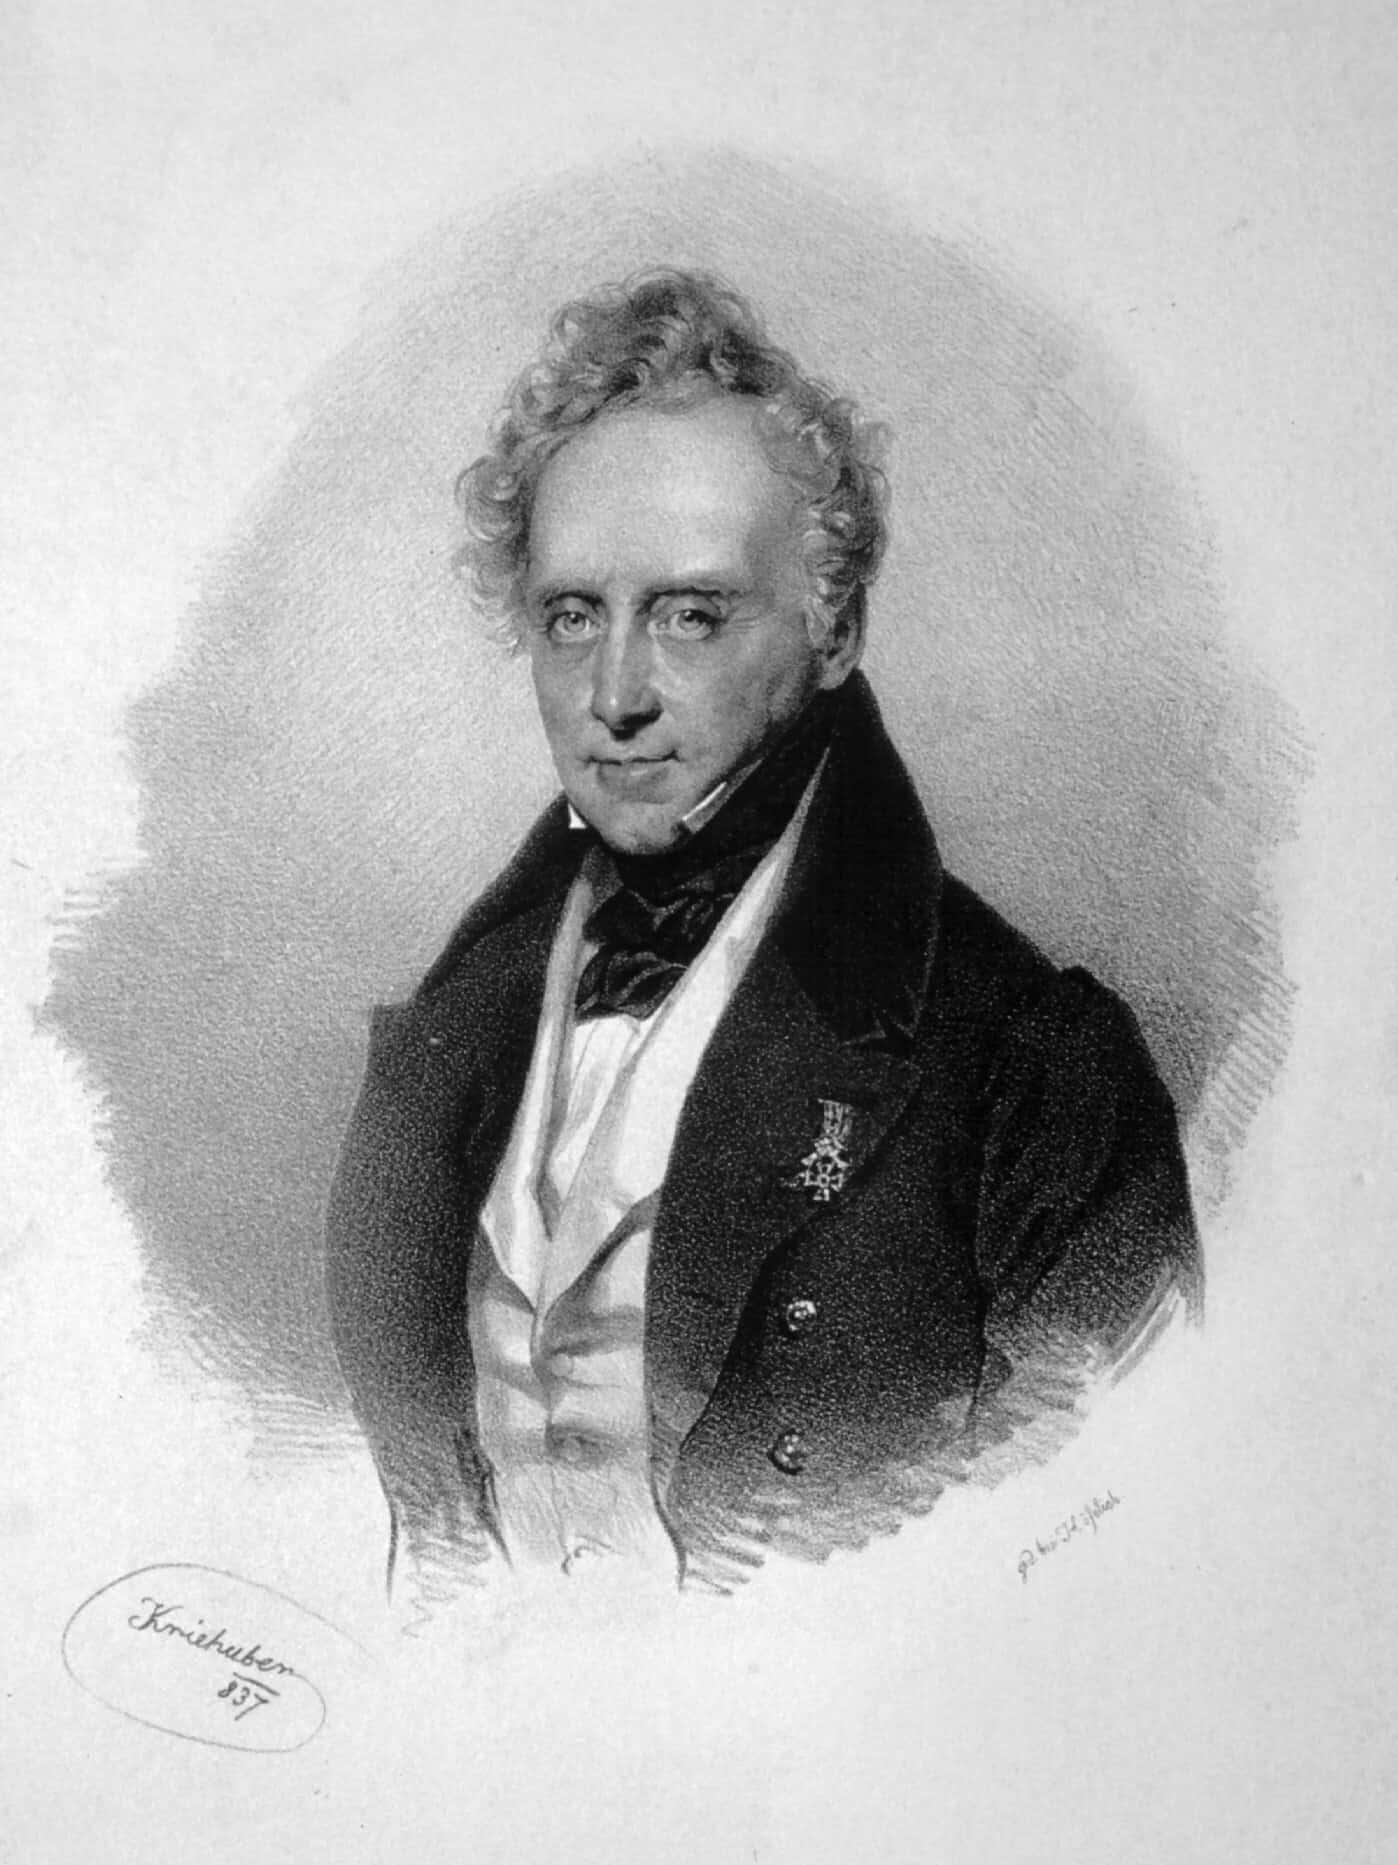 Philipp Batthyany-Strattmann